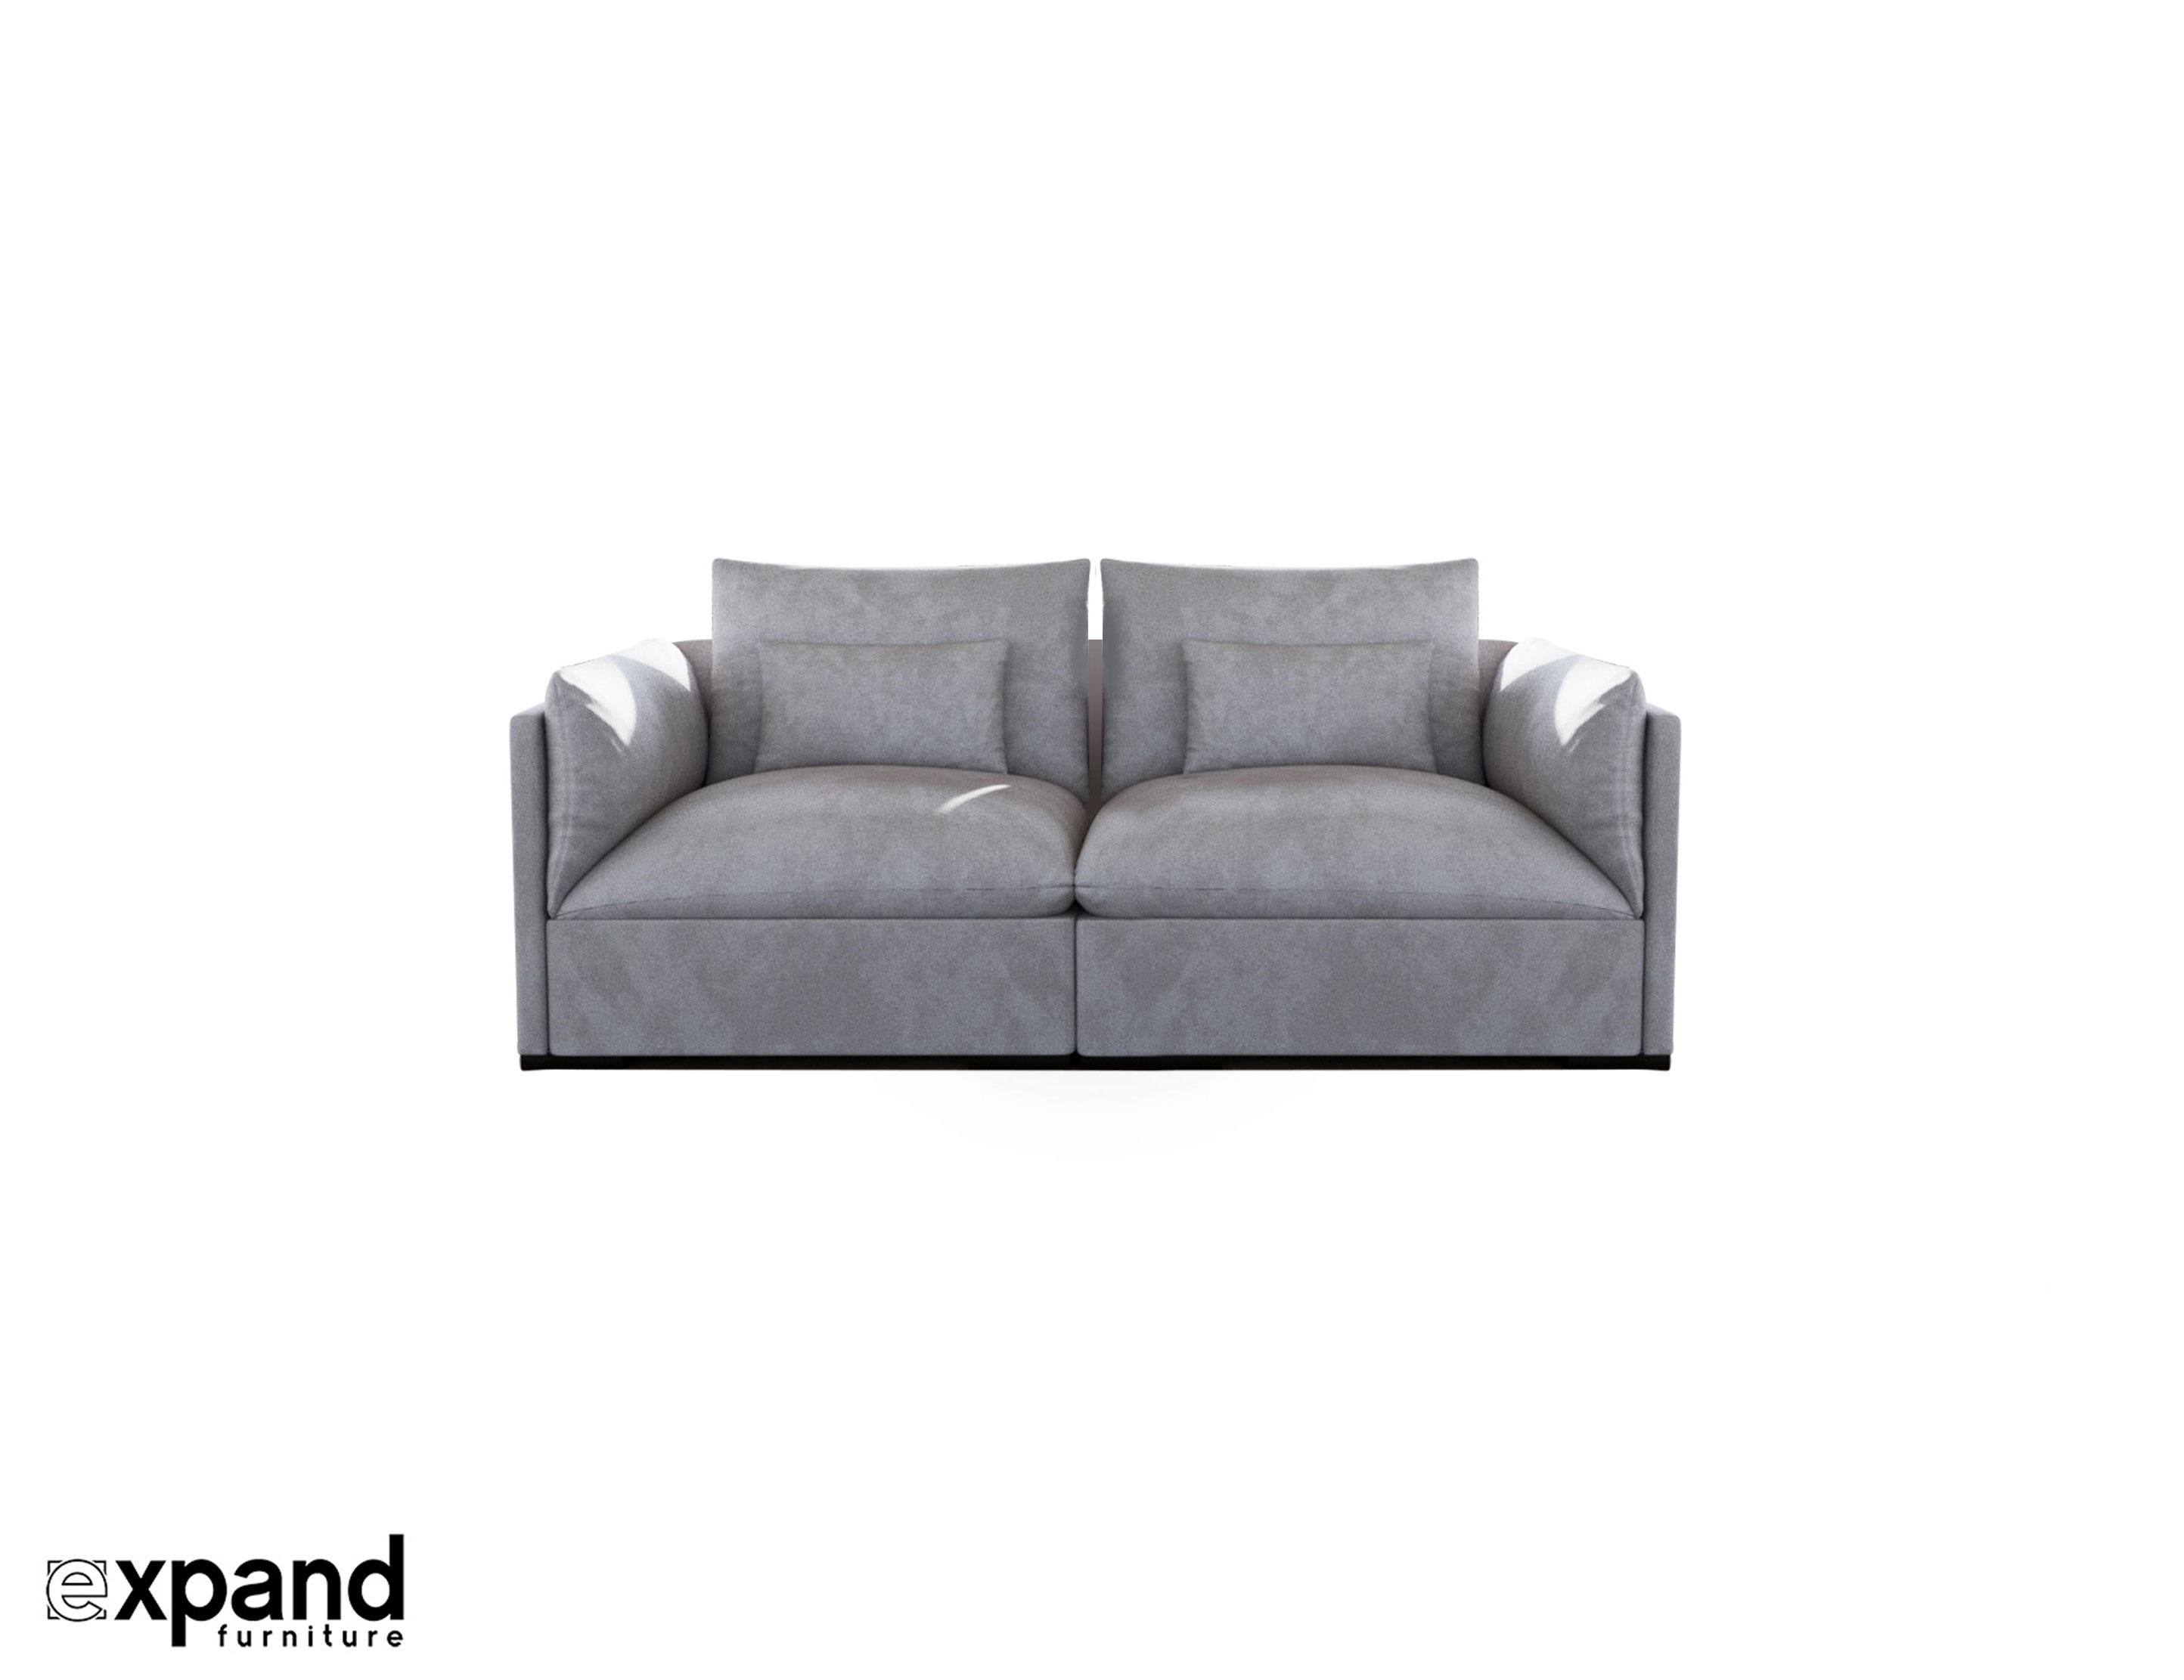 Superb Adagio Love Seat Sofa For 2 Ibusinesslaw Wood Chair Design Ideas Ibusinesslaworg